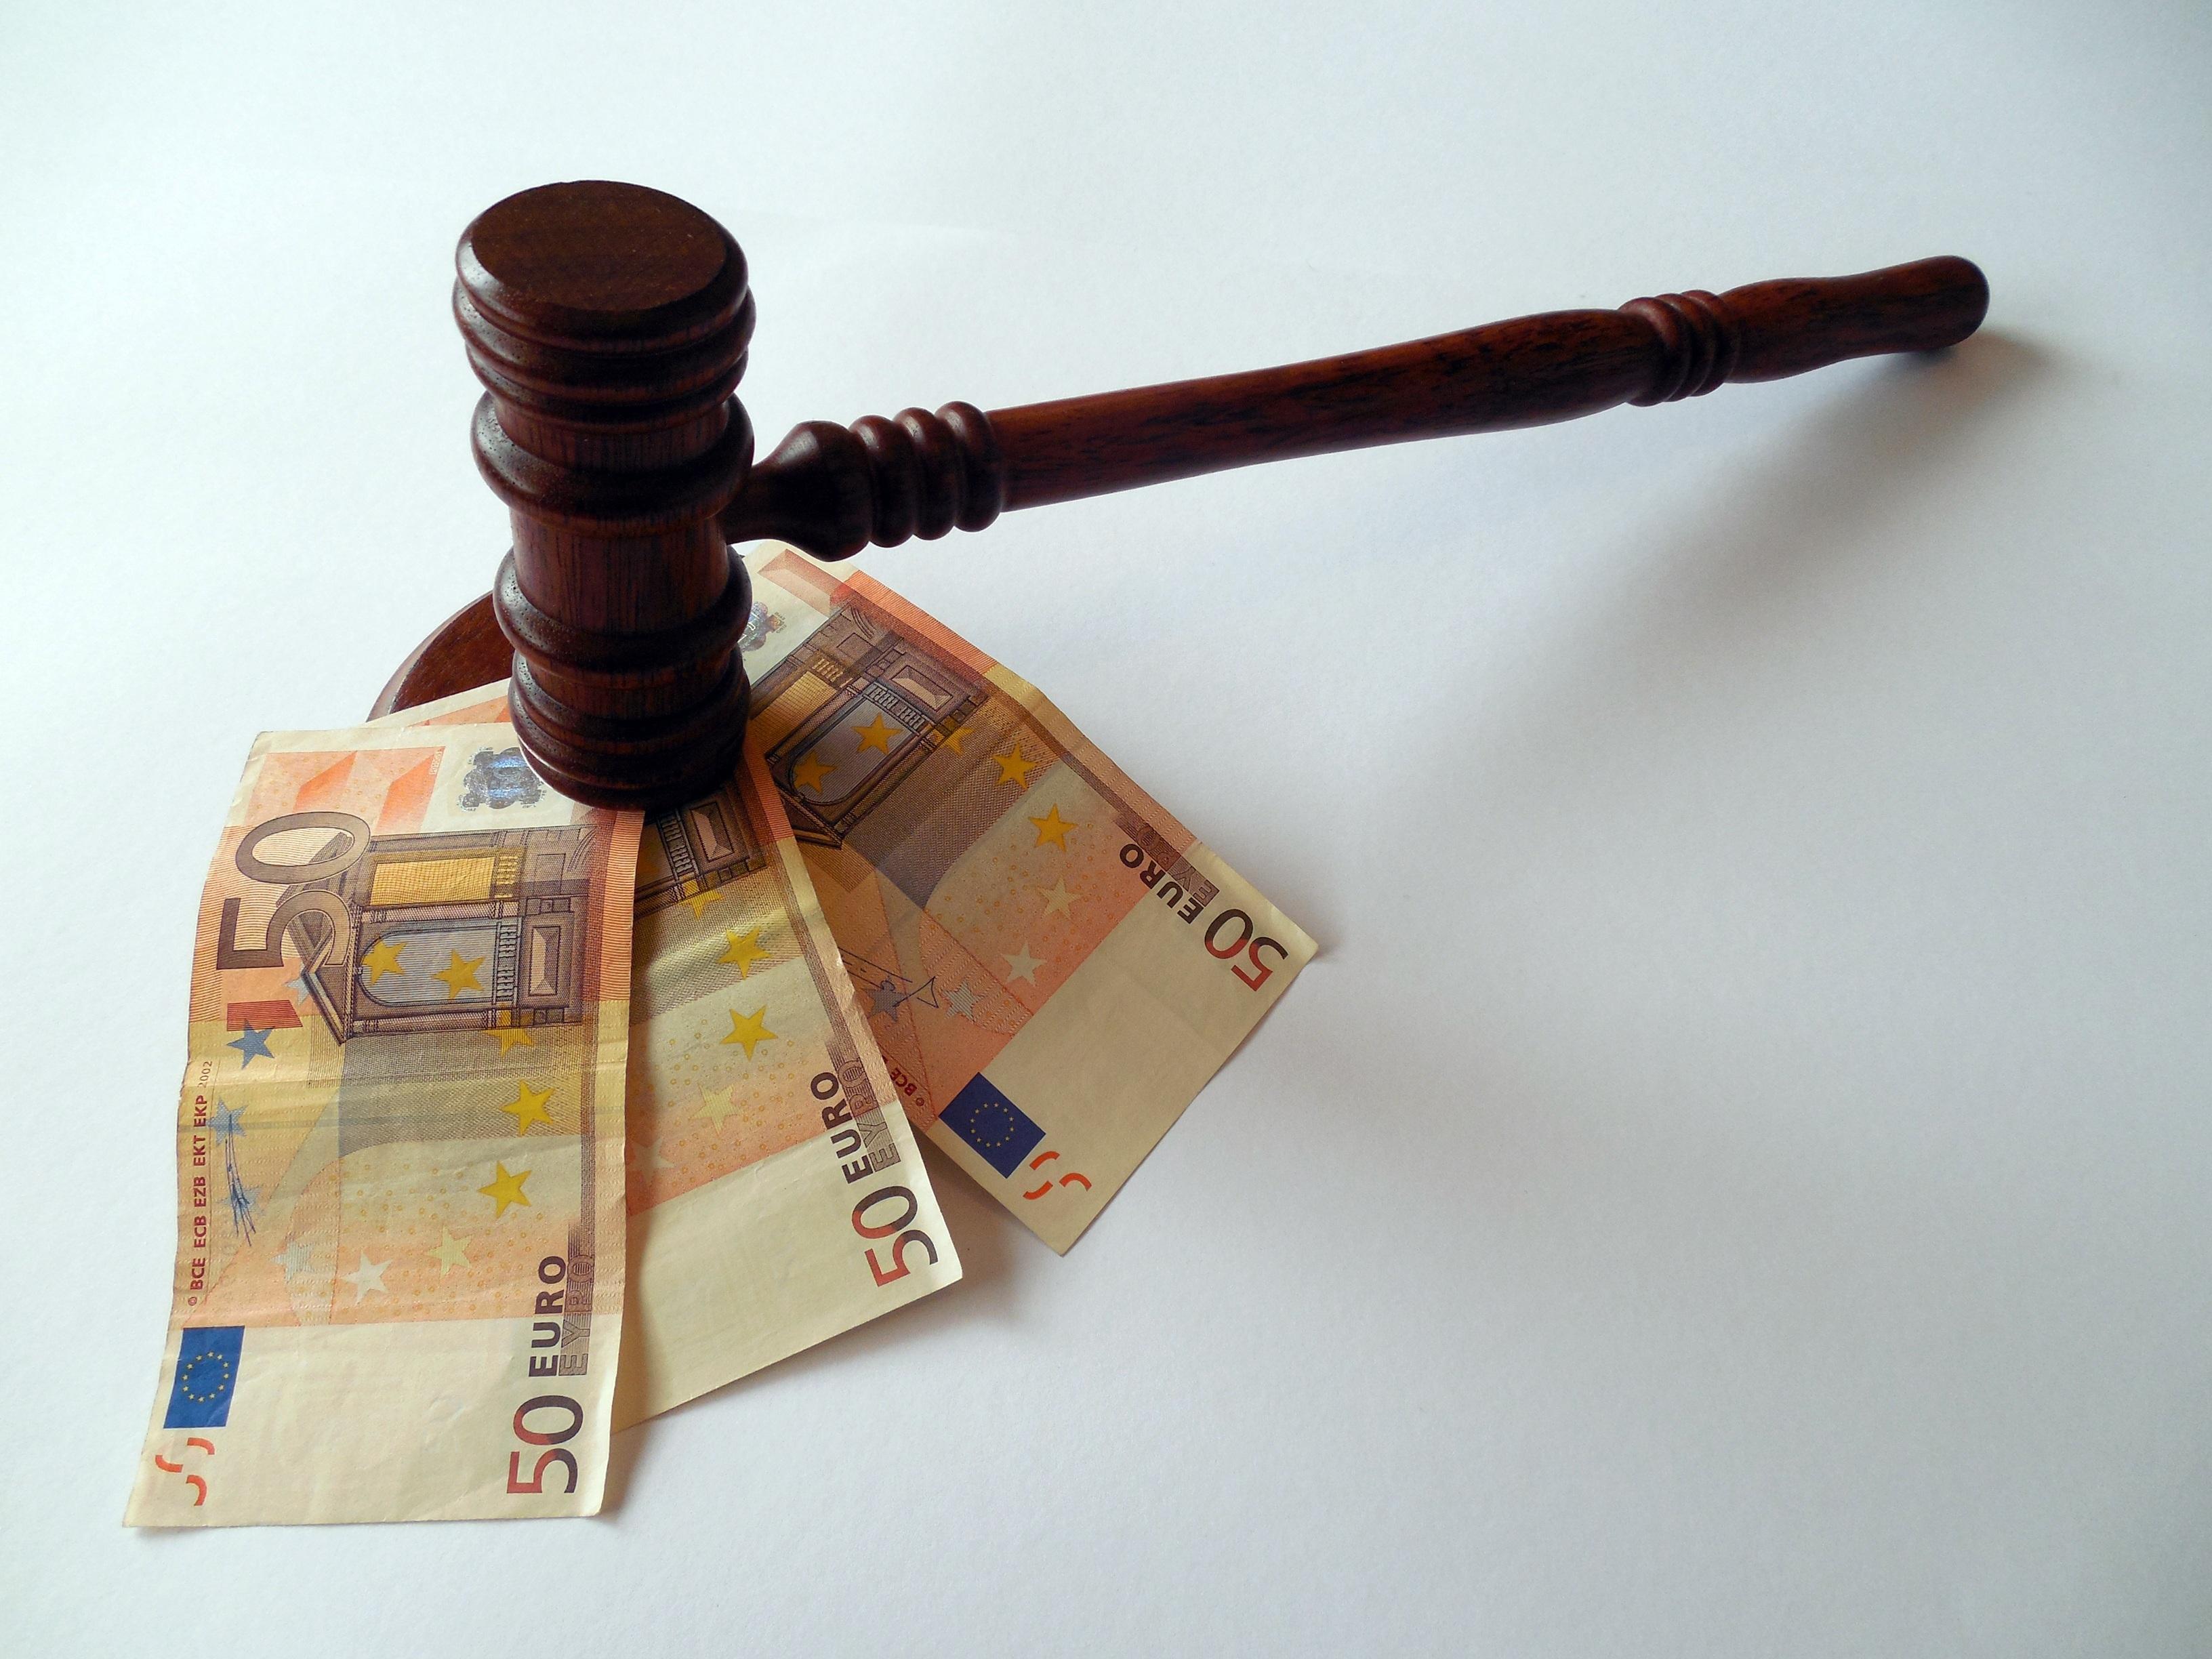 担保的主债权期限和抵押期限指的是什么